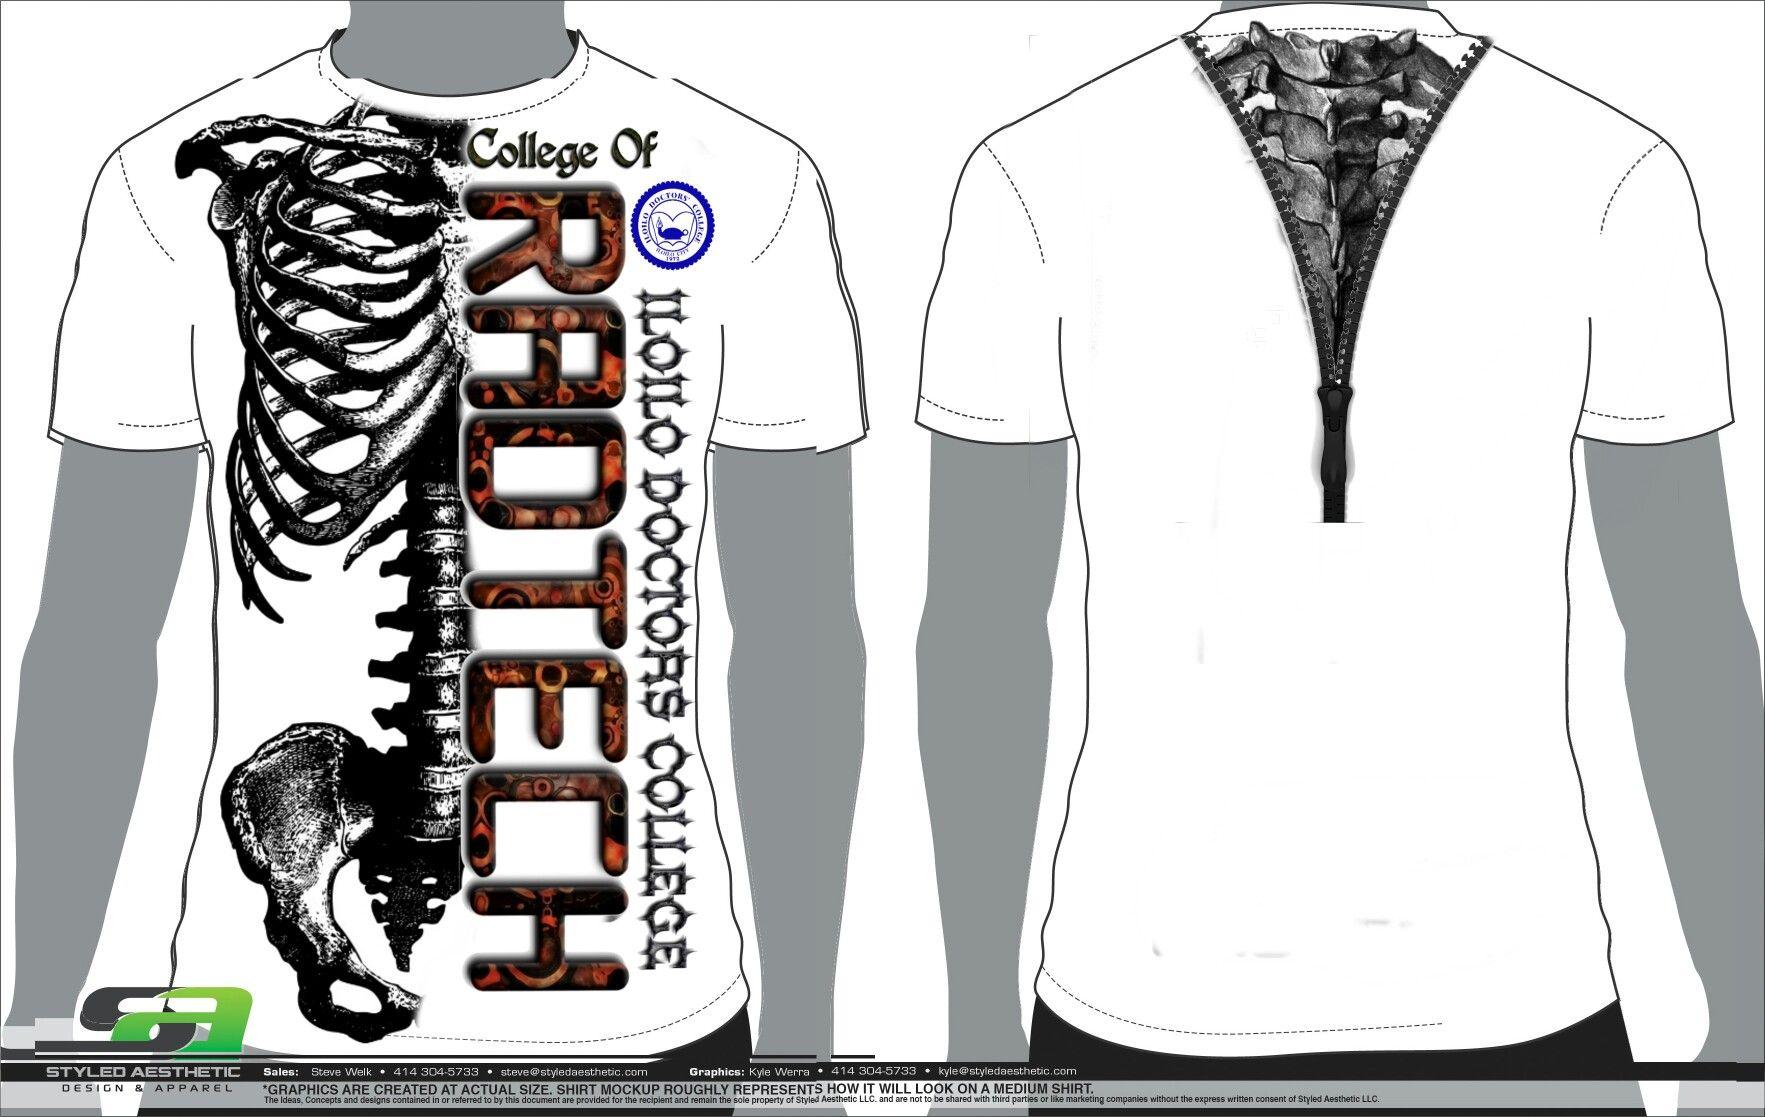 Radtech shirt design choices